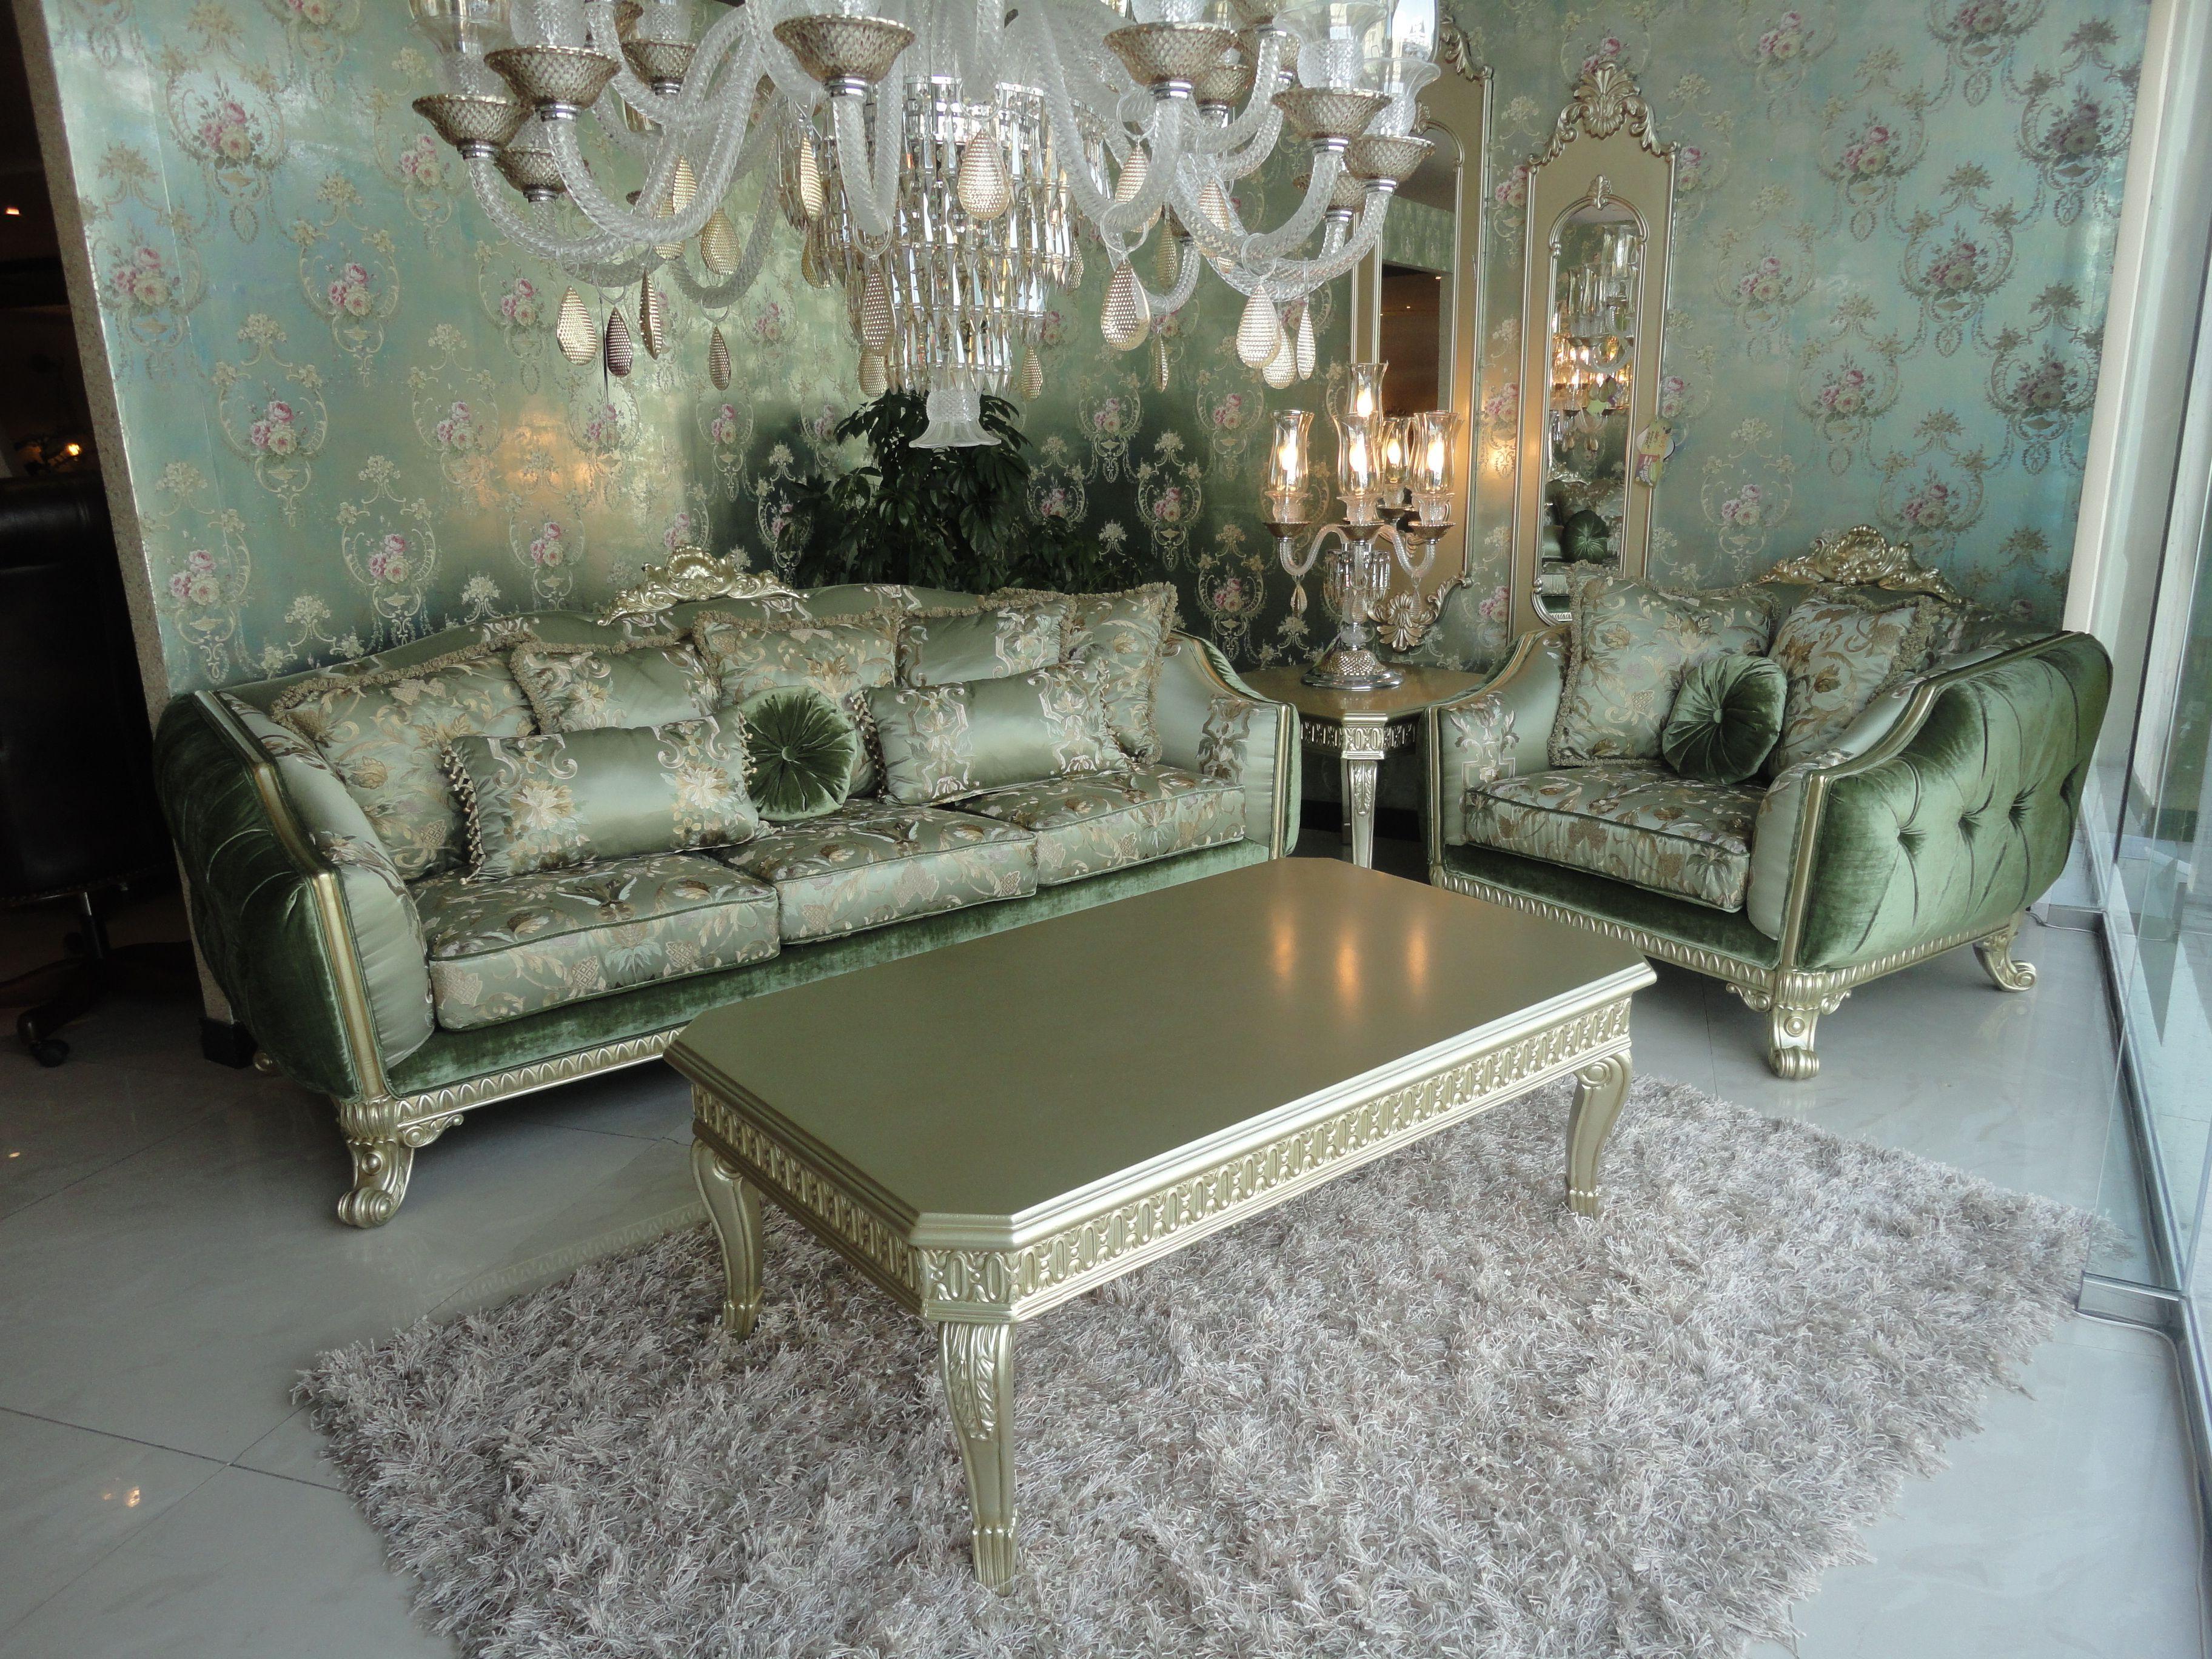 Luxury At Its Best At Al Huzaifa Furniture Alhuzaifa Alhuzaifauae Luxuryfurnitur Luxury Furniture Luxury Modern Furniture Luxury Furniture Brands